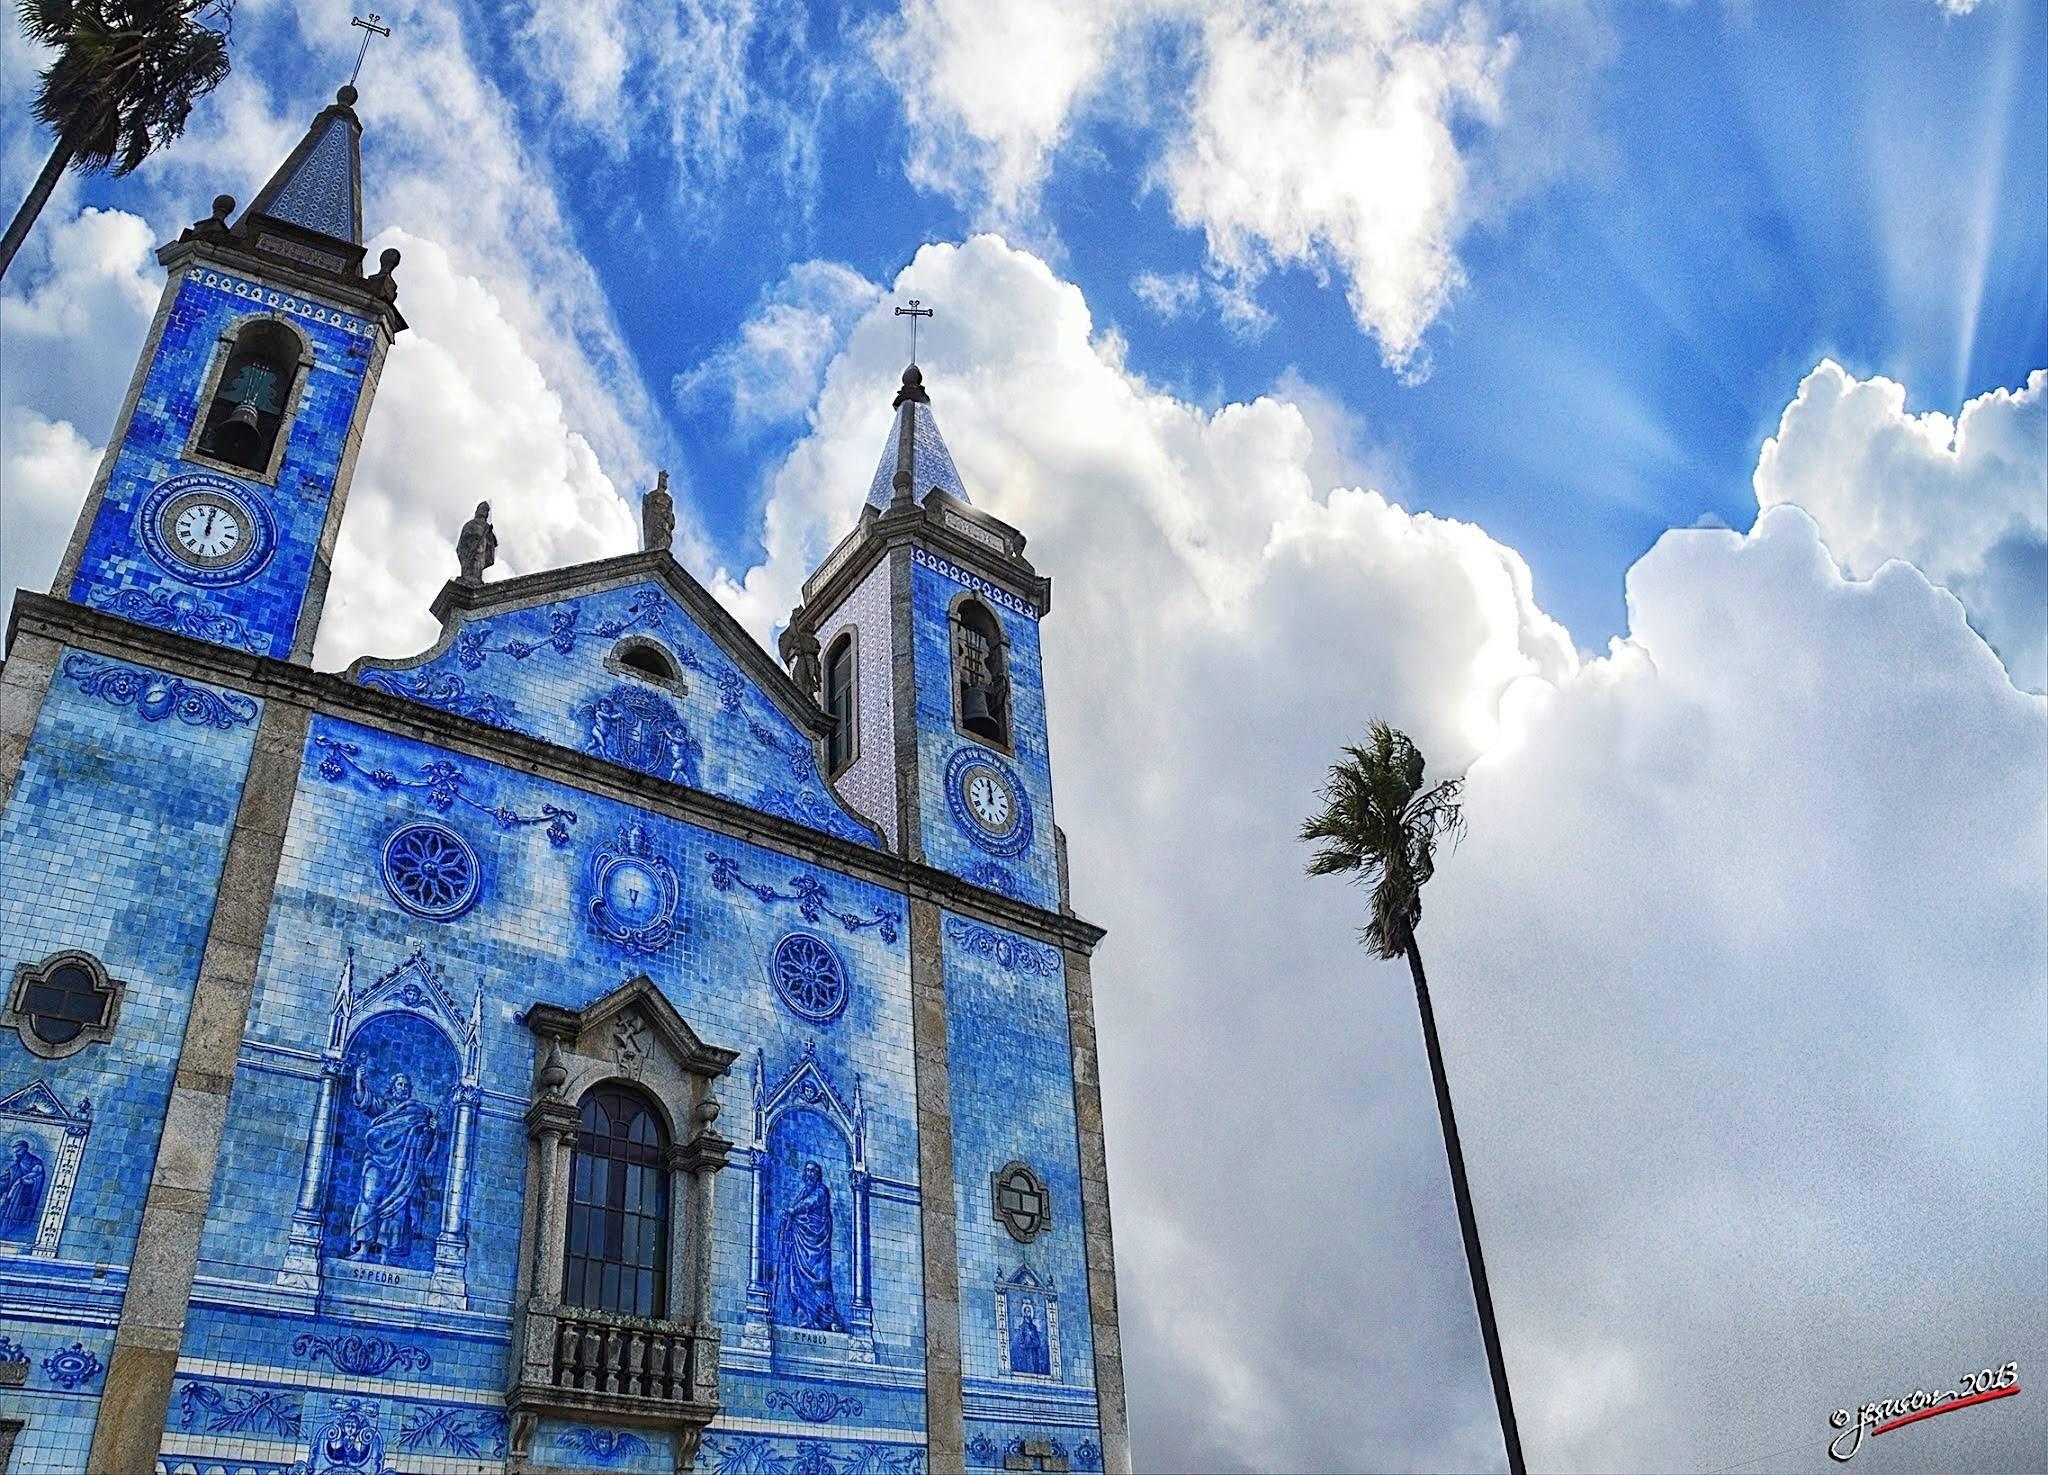 Hist ria e origem do azulejo em portugal vortexmag for Azulejos historia